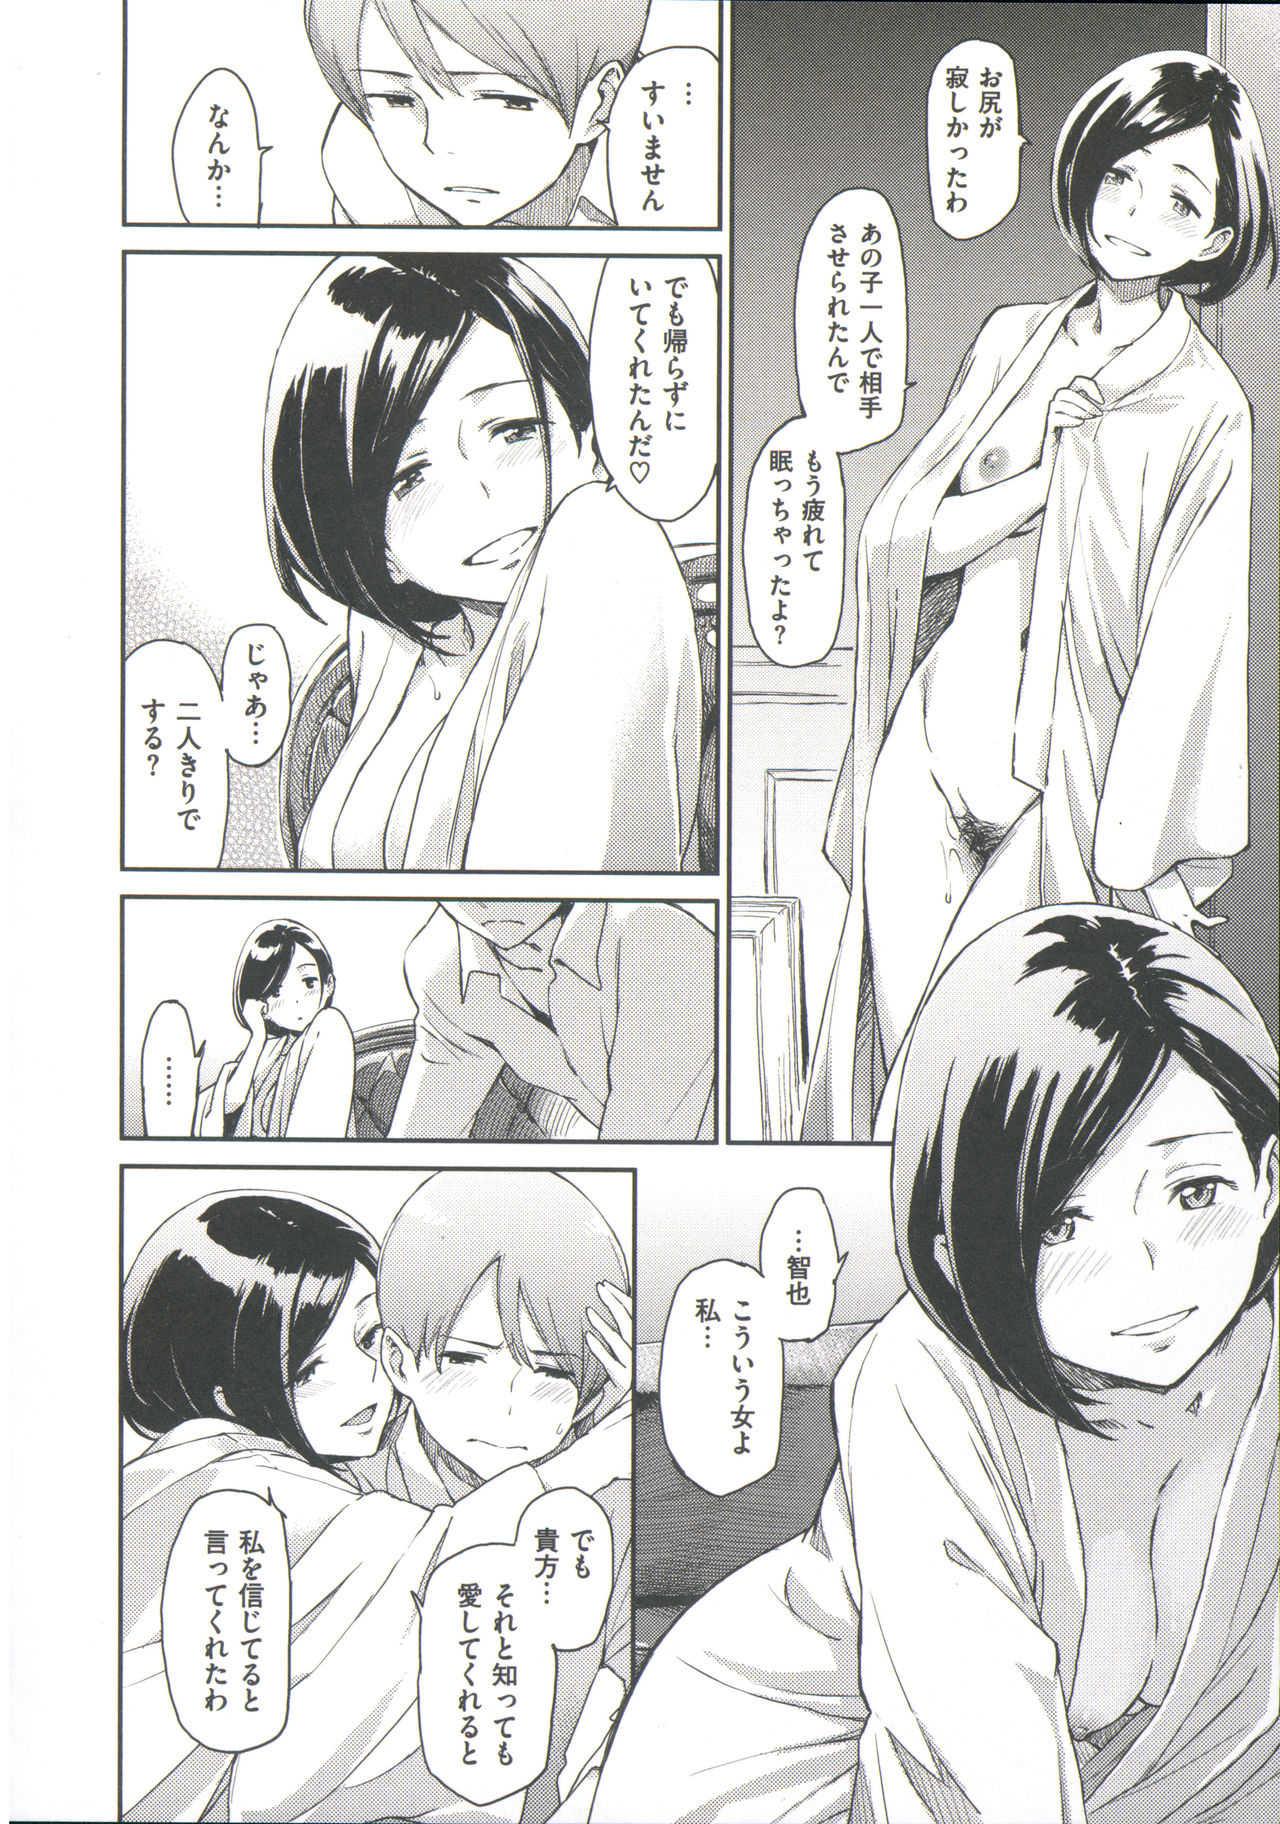 【エロ漫画】旅館を一人でもてなす美人女将…旦那を想いながら若い男に犯されて【三巷文:ハマアザミ】